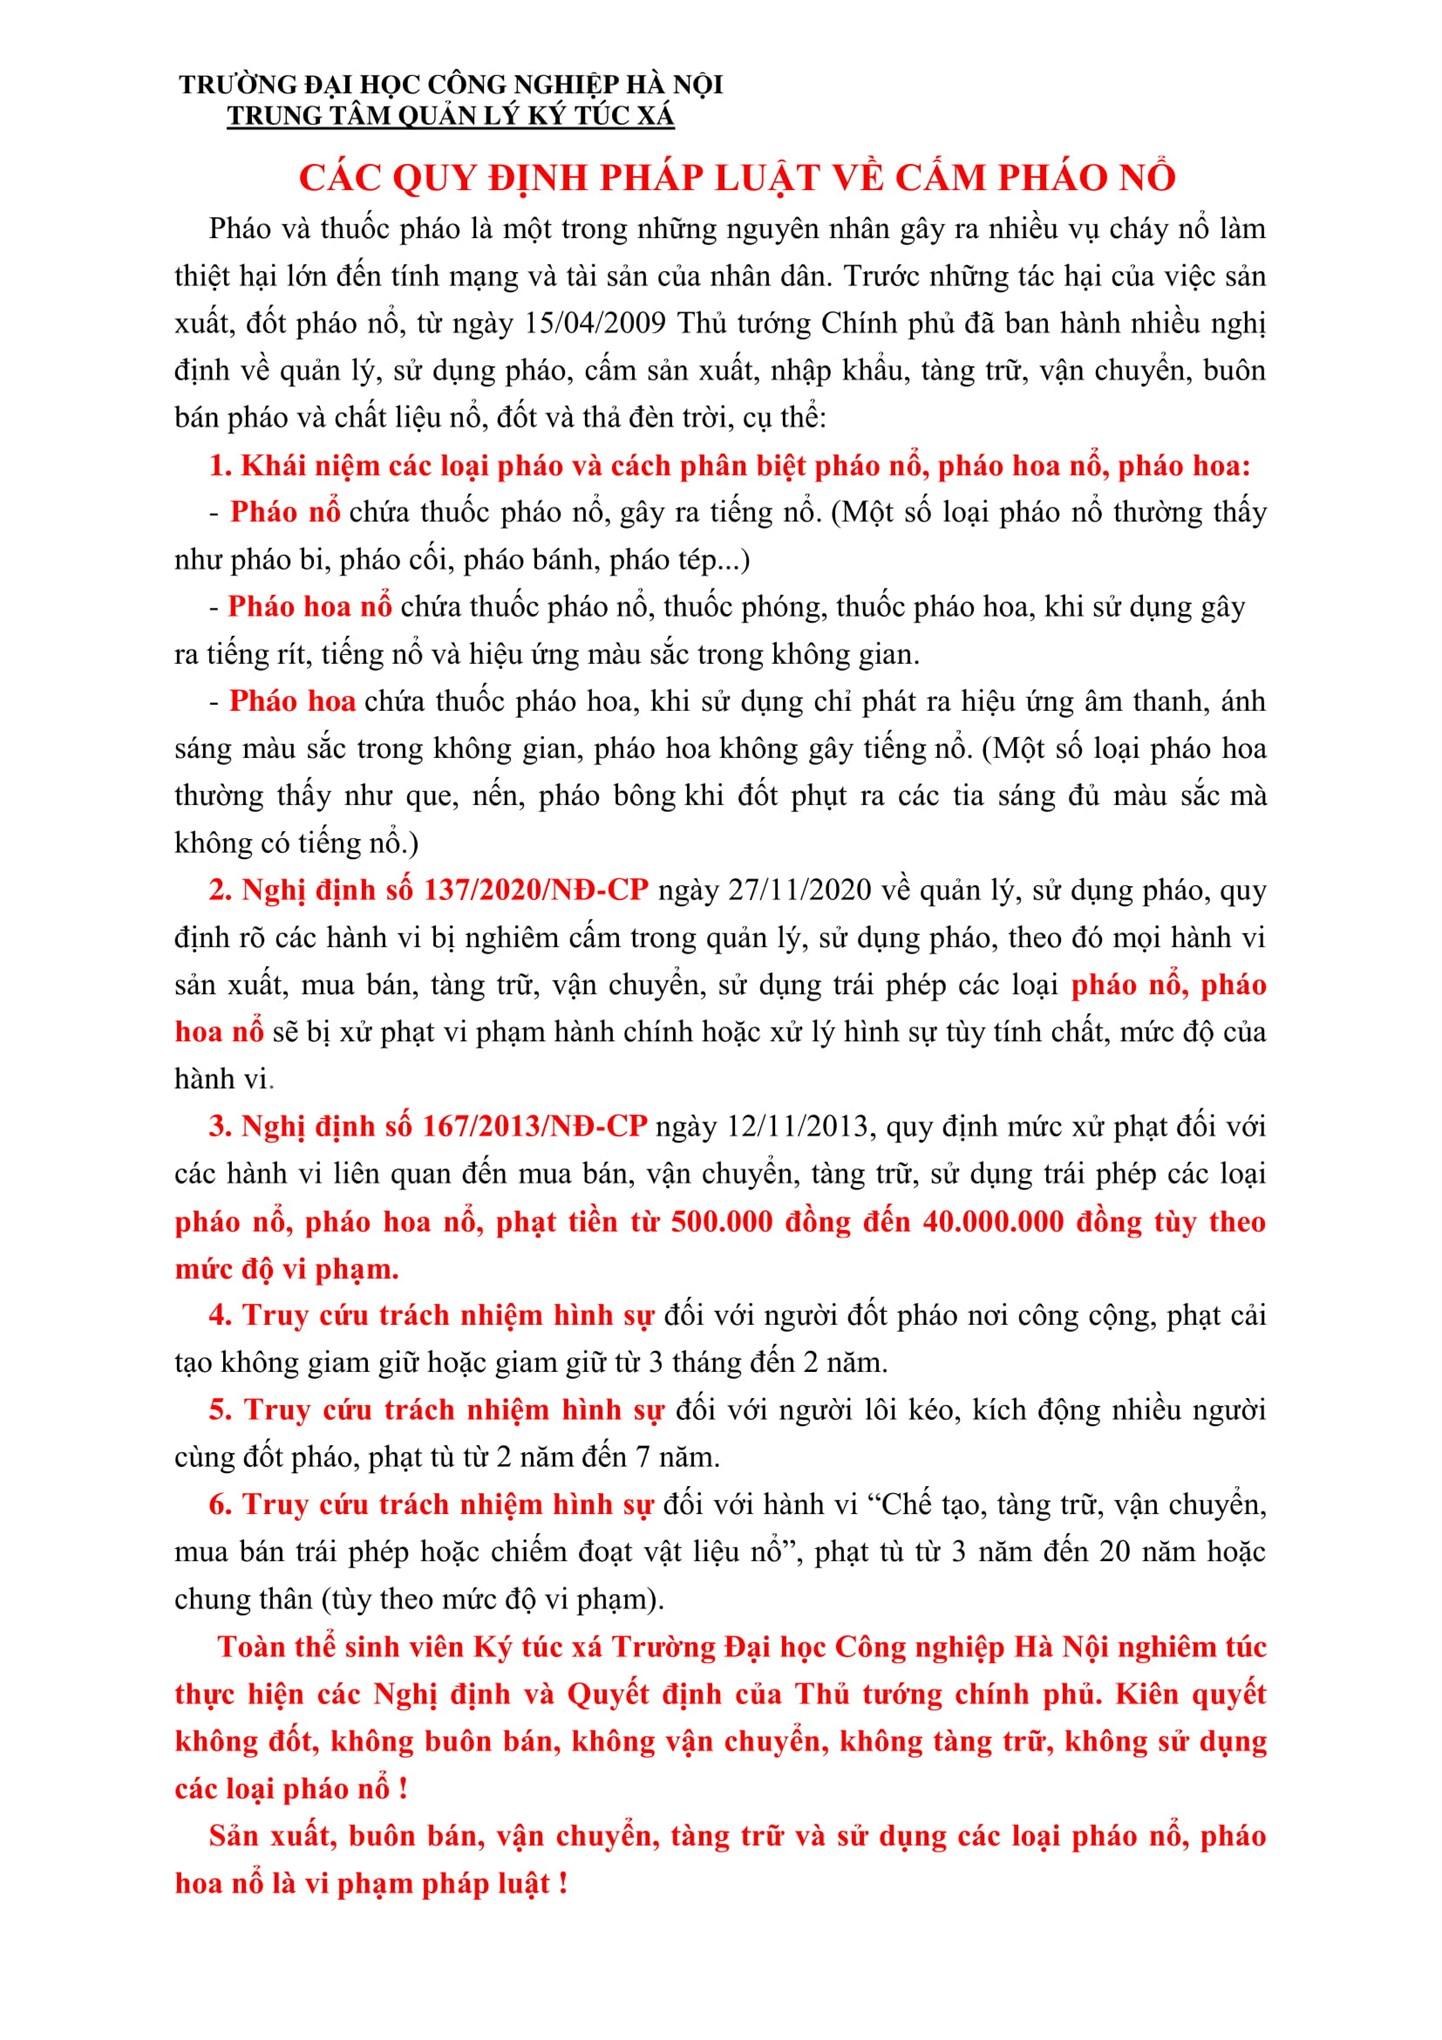 SINH VIÊN TRUNG TÂM QUẢN LÝ KÝ TÚC XÁ KÝ CAM KẾT KHÔNG SỬ DỤNG CÁC LOẠI PHÁO NỔ, PHÁO HOA NỔ TRƯỚC THỀM TẾT NGUYÊN ĐÁN